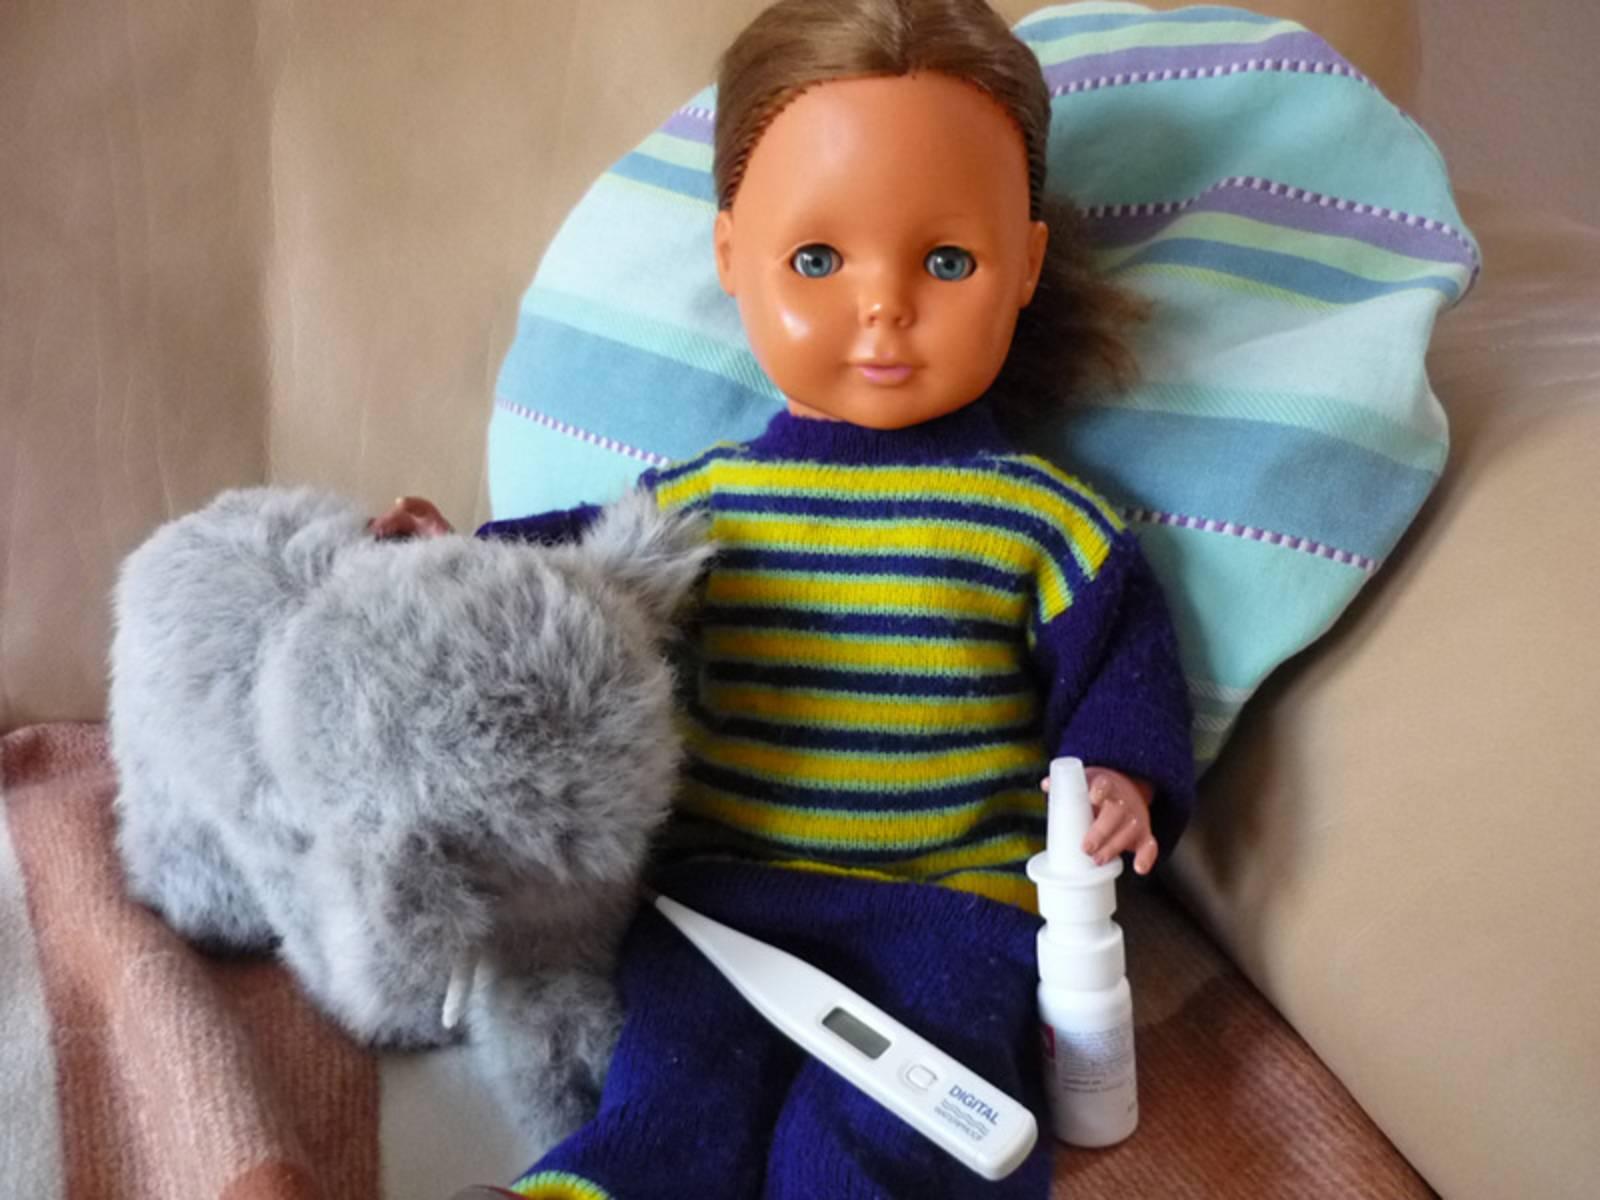 Puppe und Stofftier mit Fieberthermometer und Schnupfenspray